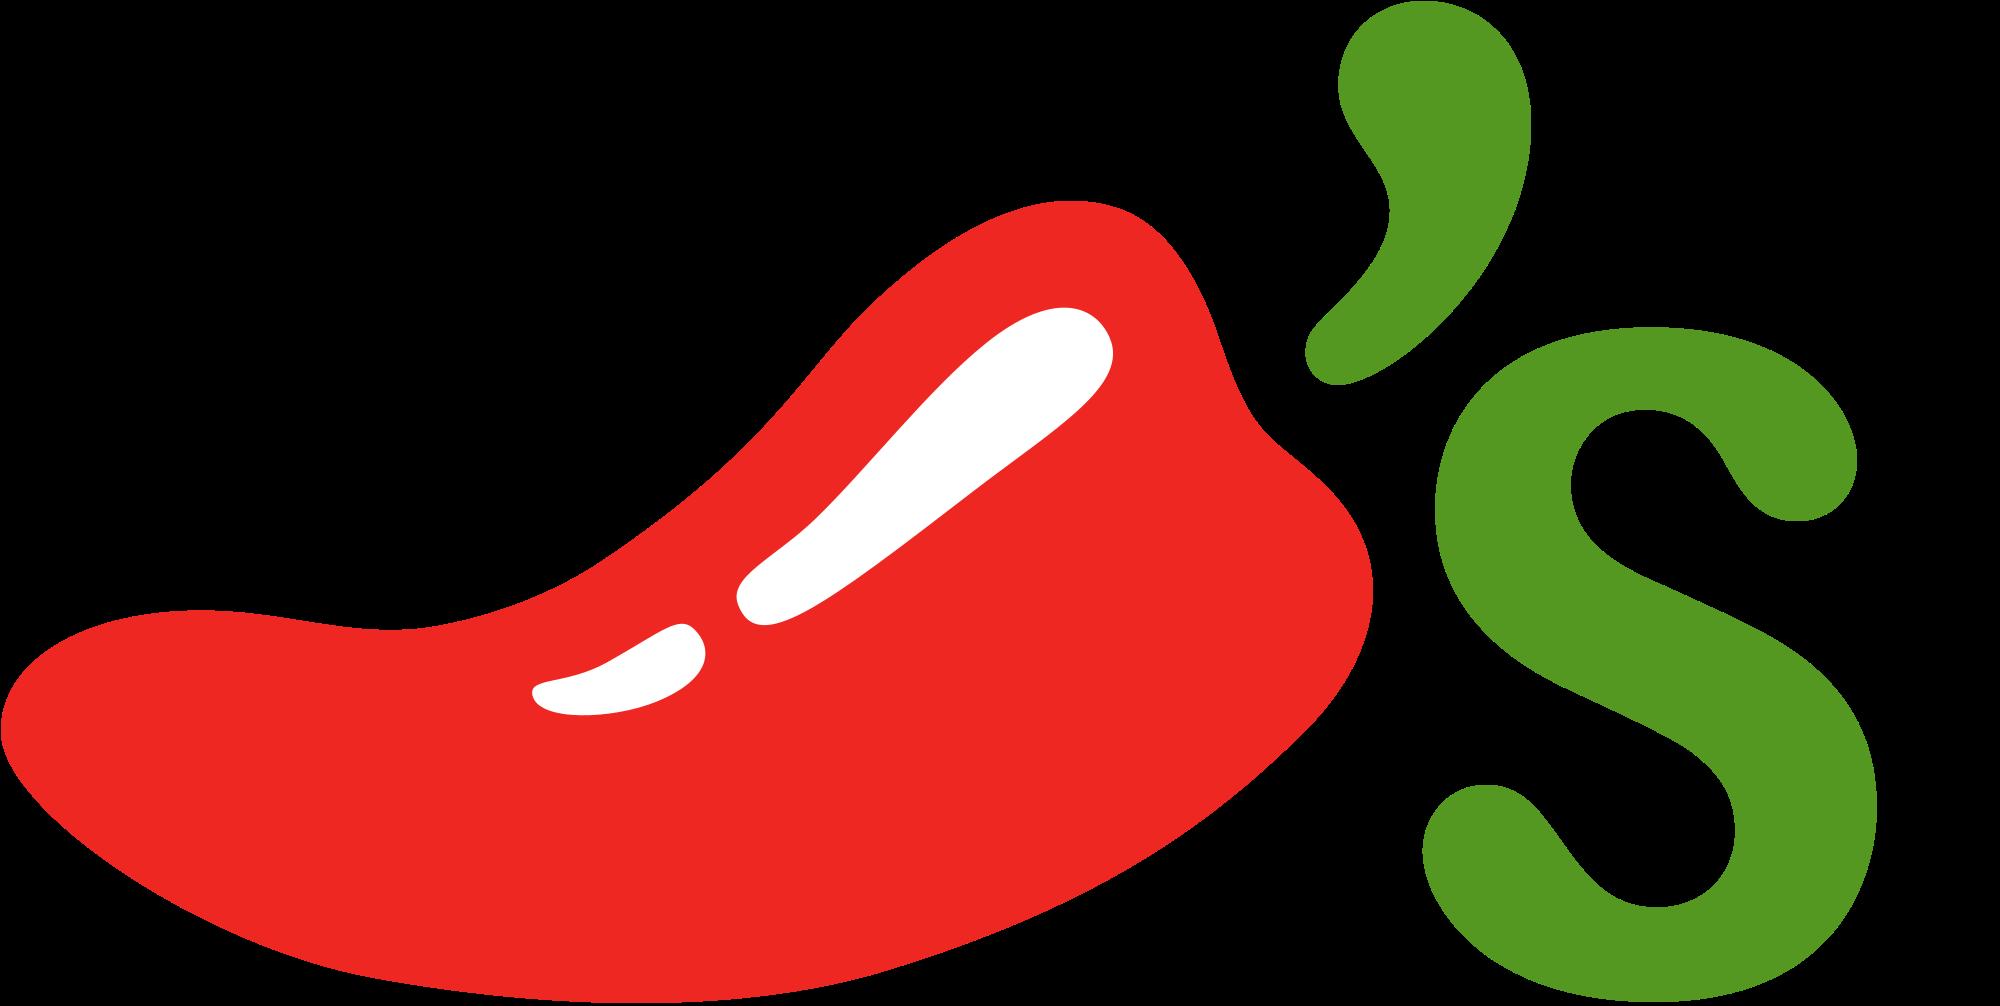 Chili's.